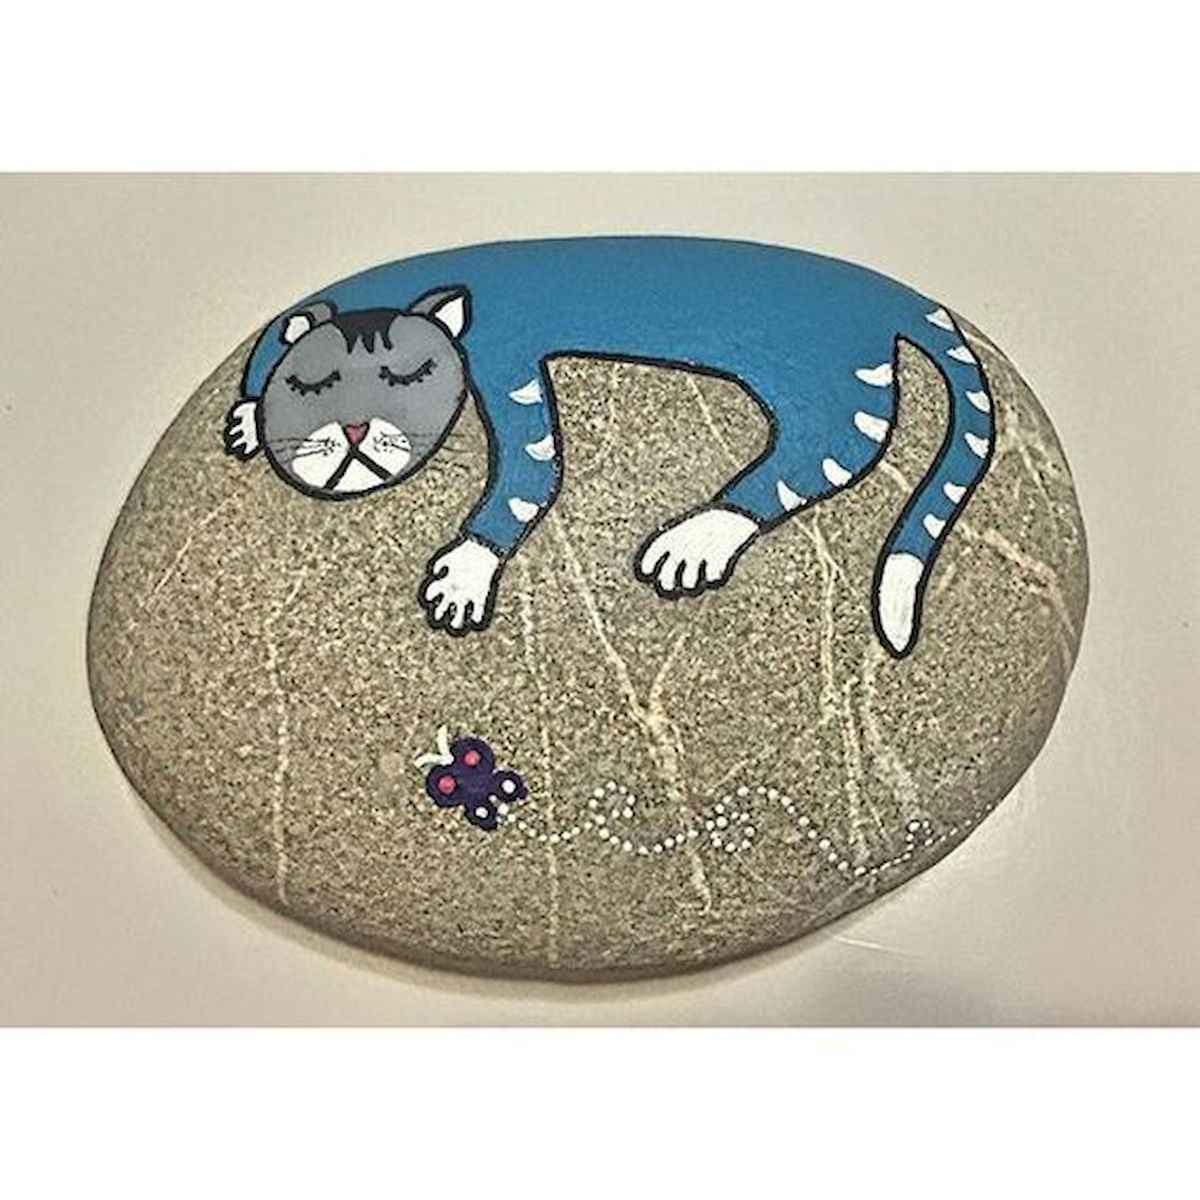 50 Inspiring DIY Painted Rocks Animals Cats for Summer Ideas (12)